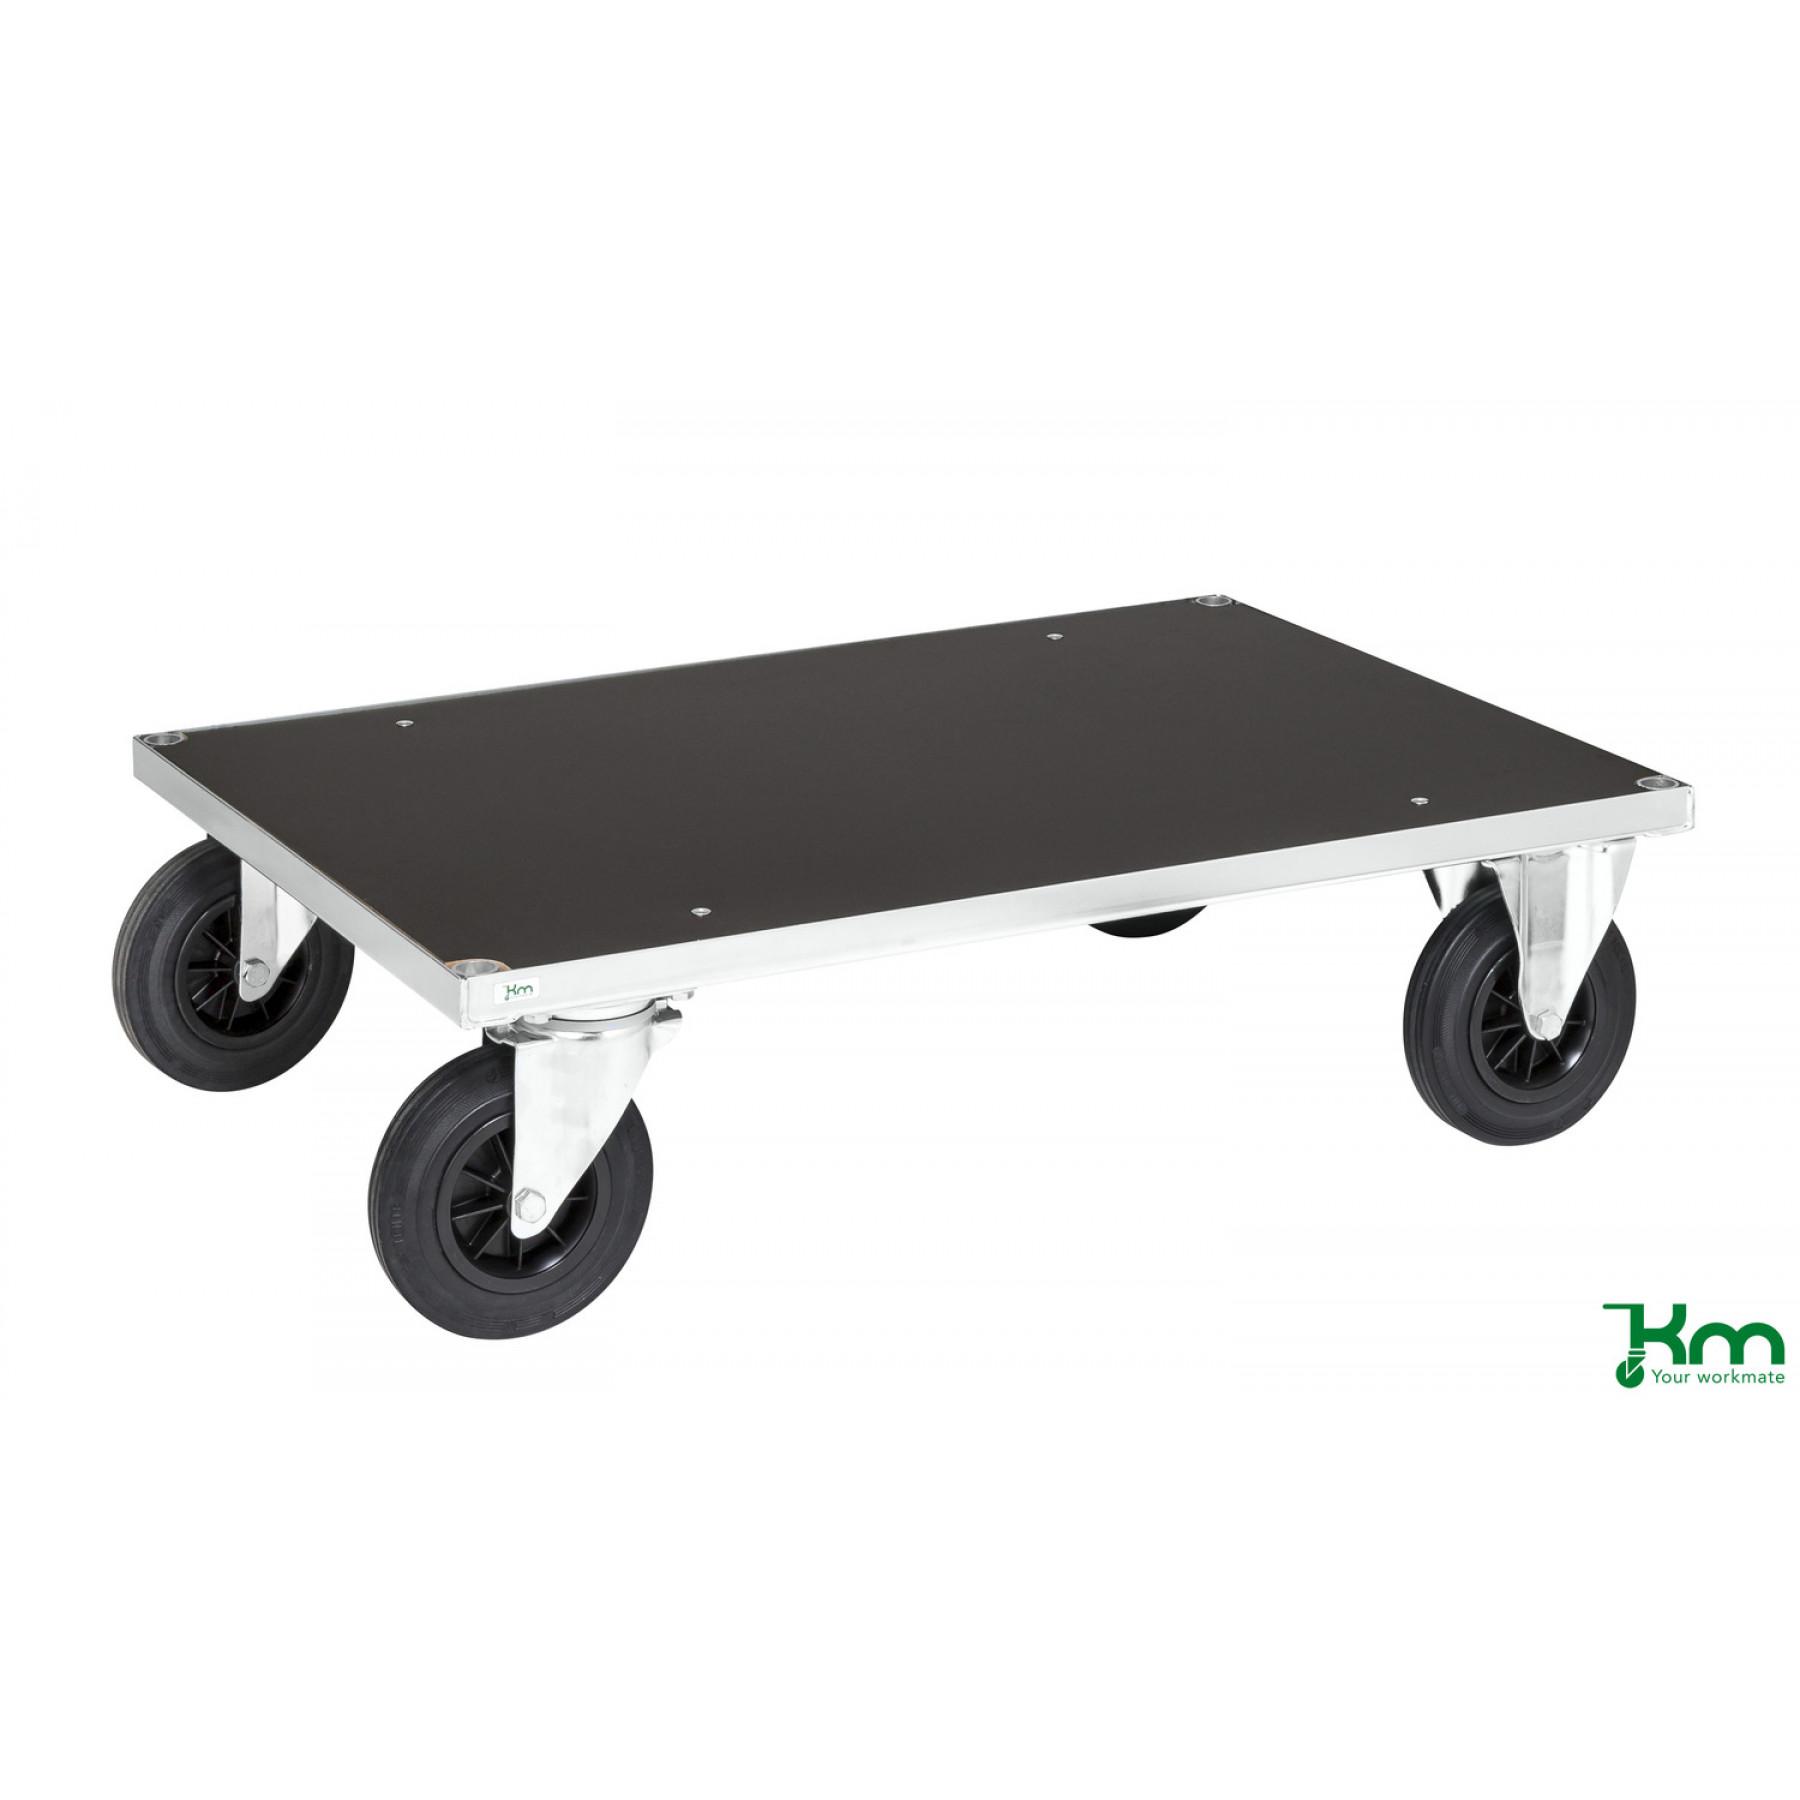 Platformwagen verzinkt met MDF laadvloer